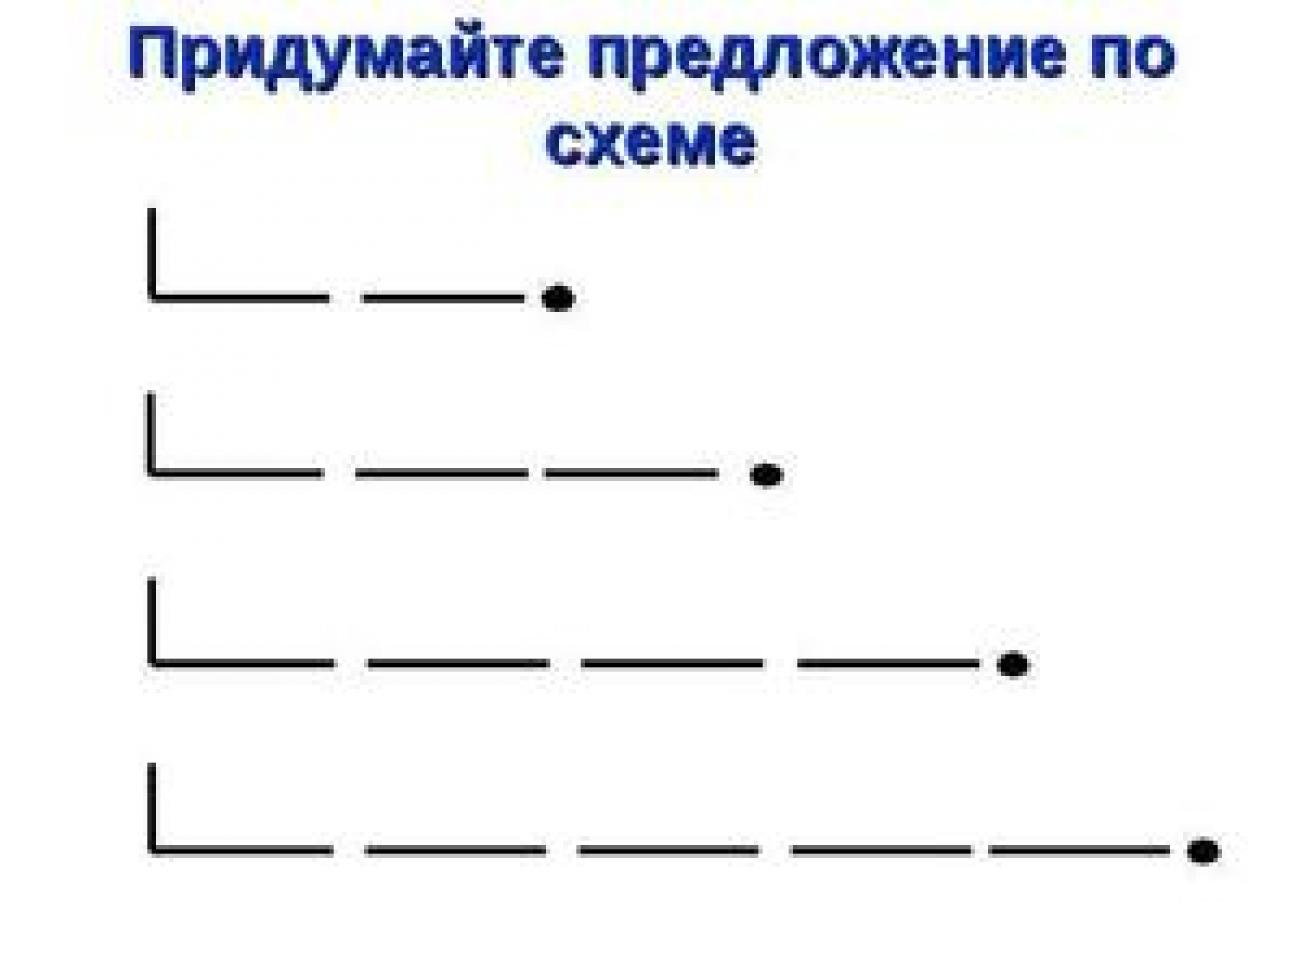 Как пишется схема предложения